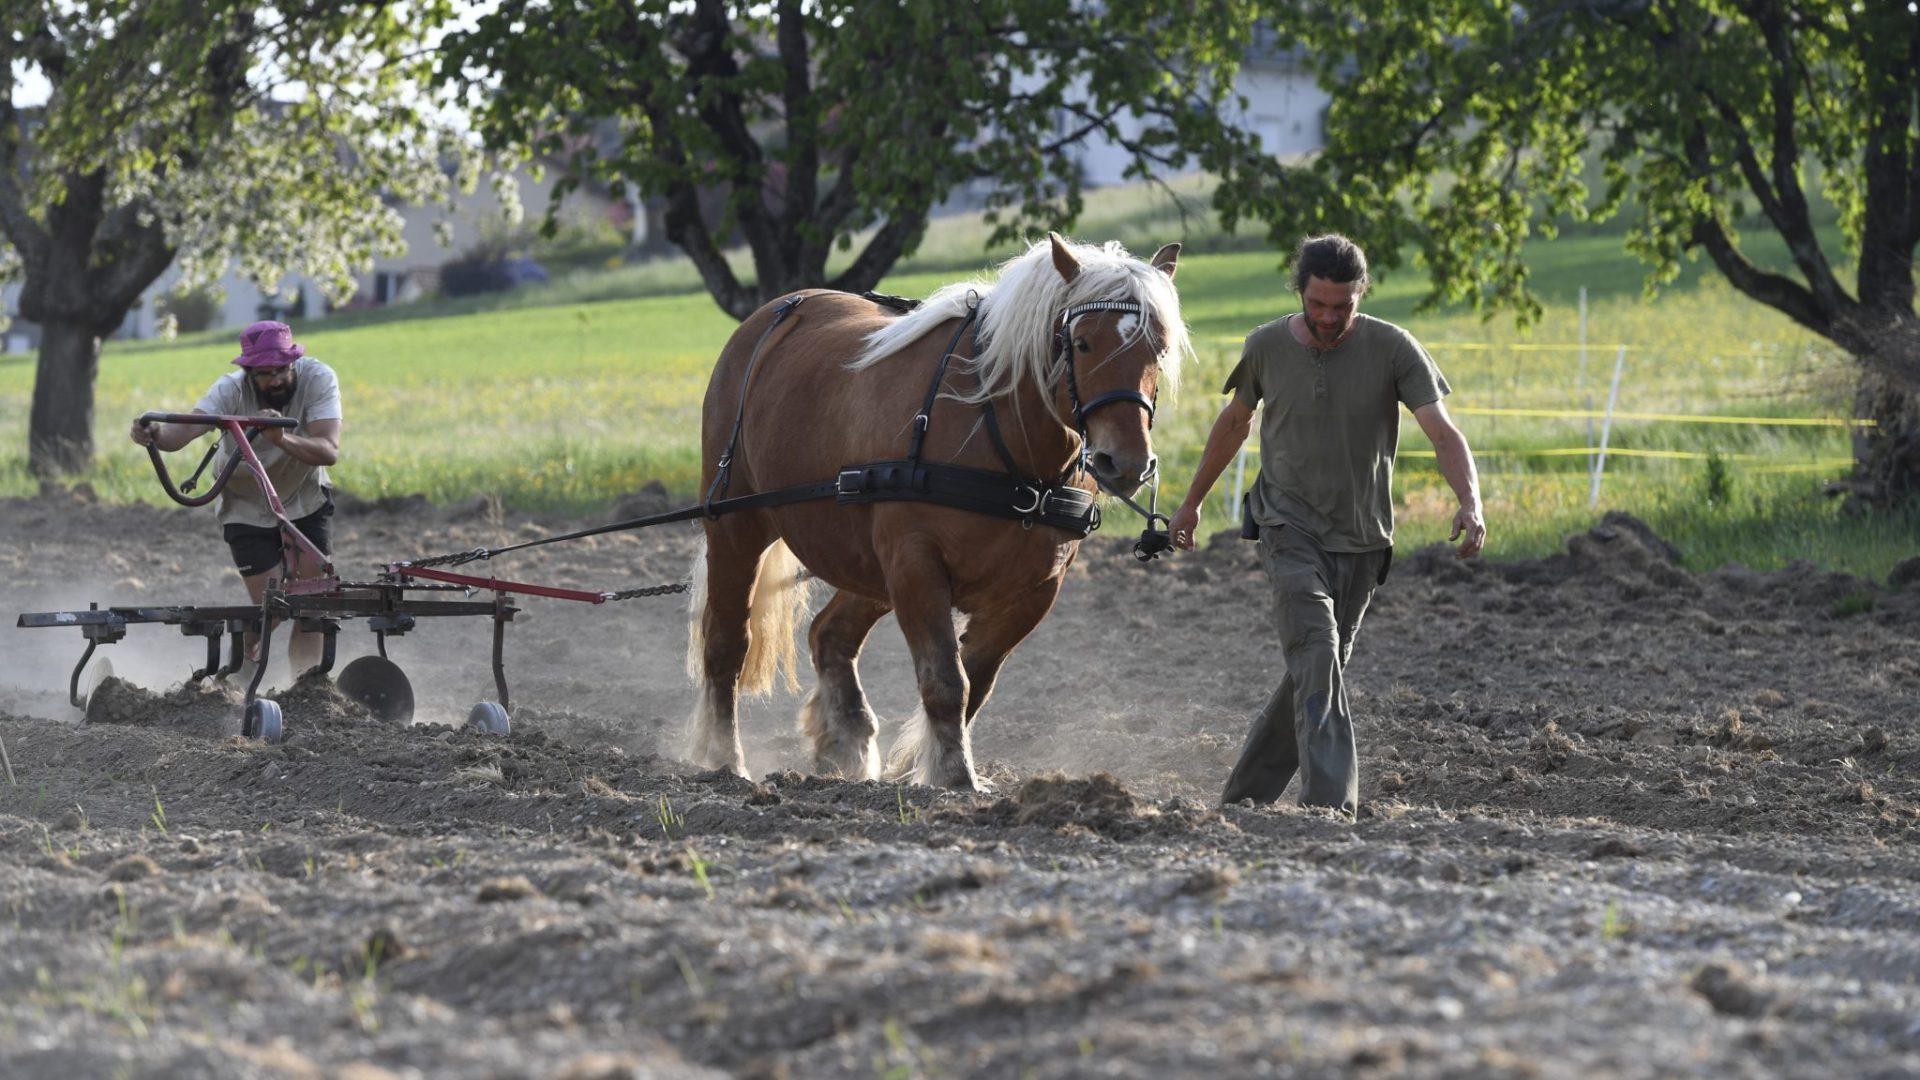 Baptiste Calliari (à gauche) et Timothée Faes (à droite) font de la traction animale à l'aide de la jument Anika © Ferme de Bassenges